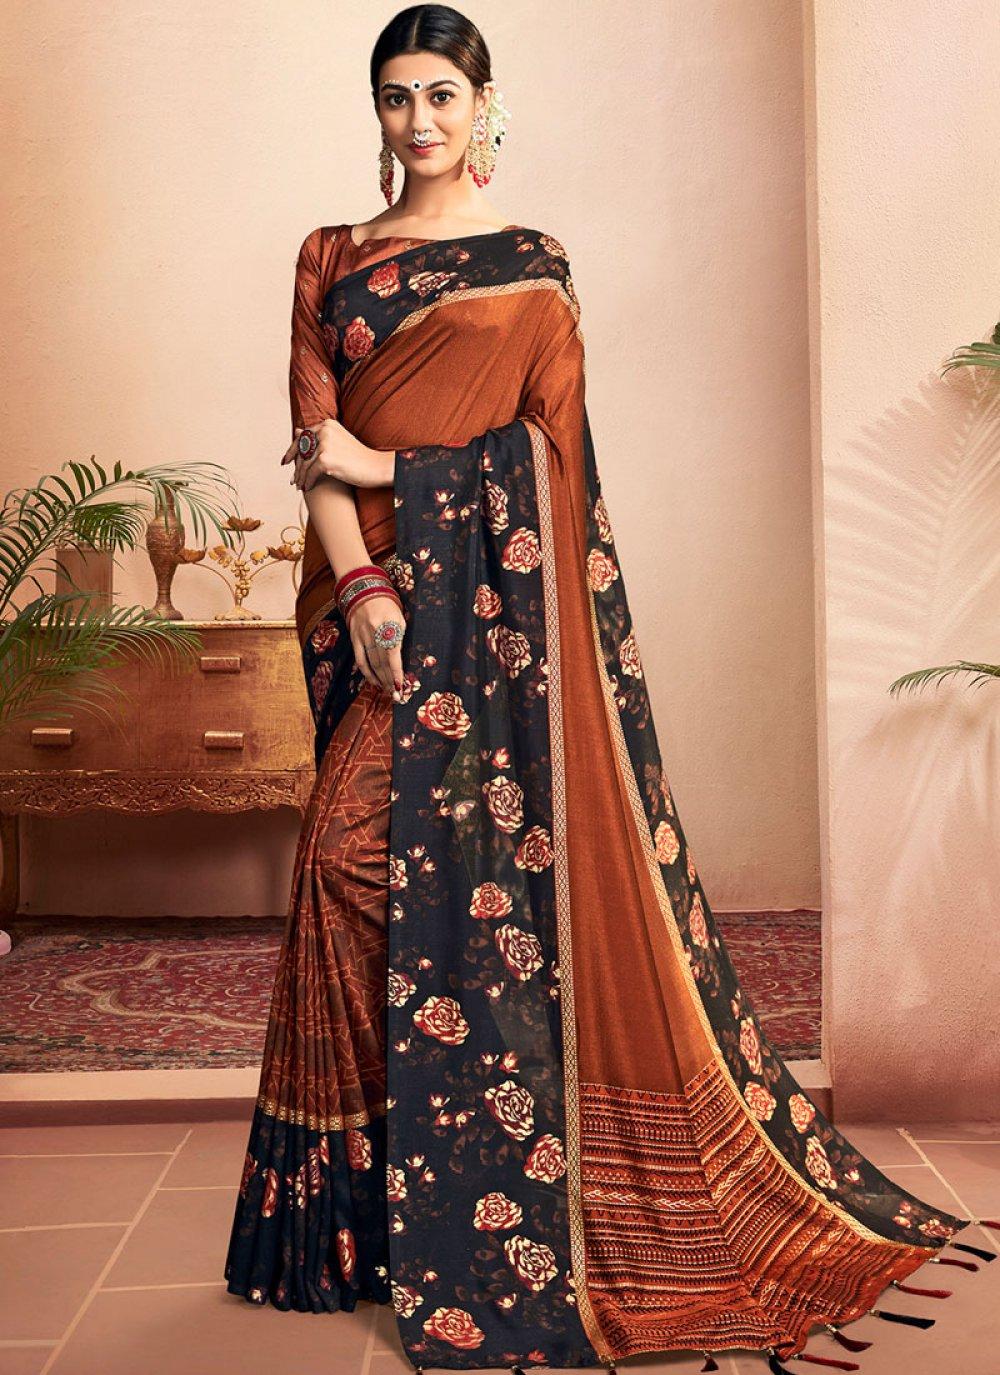 Floral Print Chanderi Classic Designer Saree